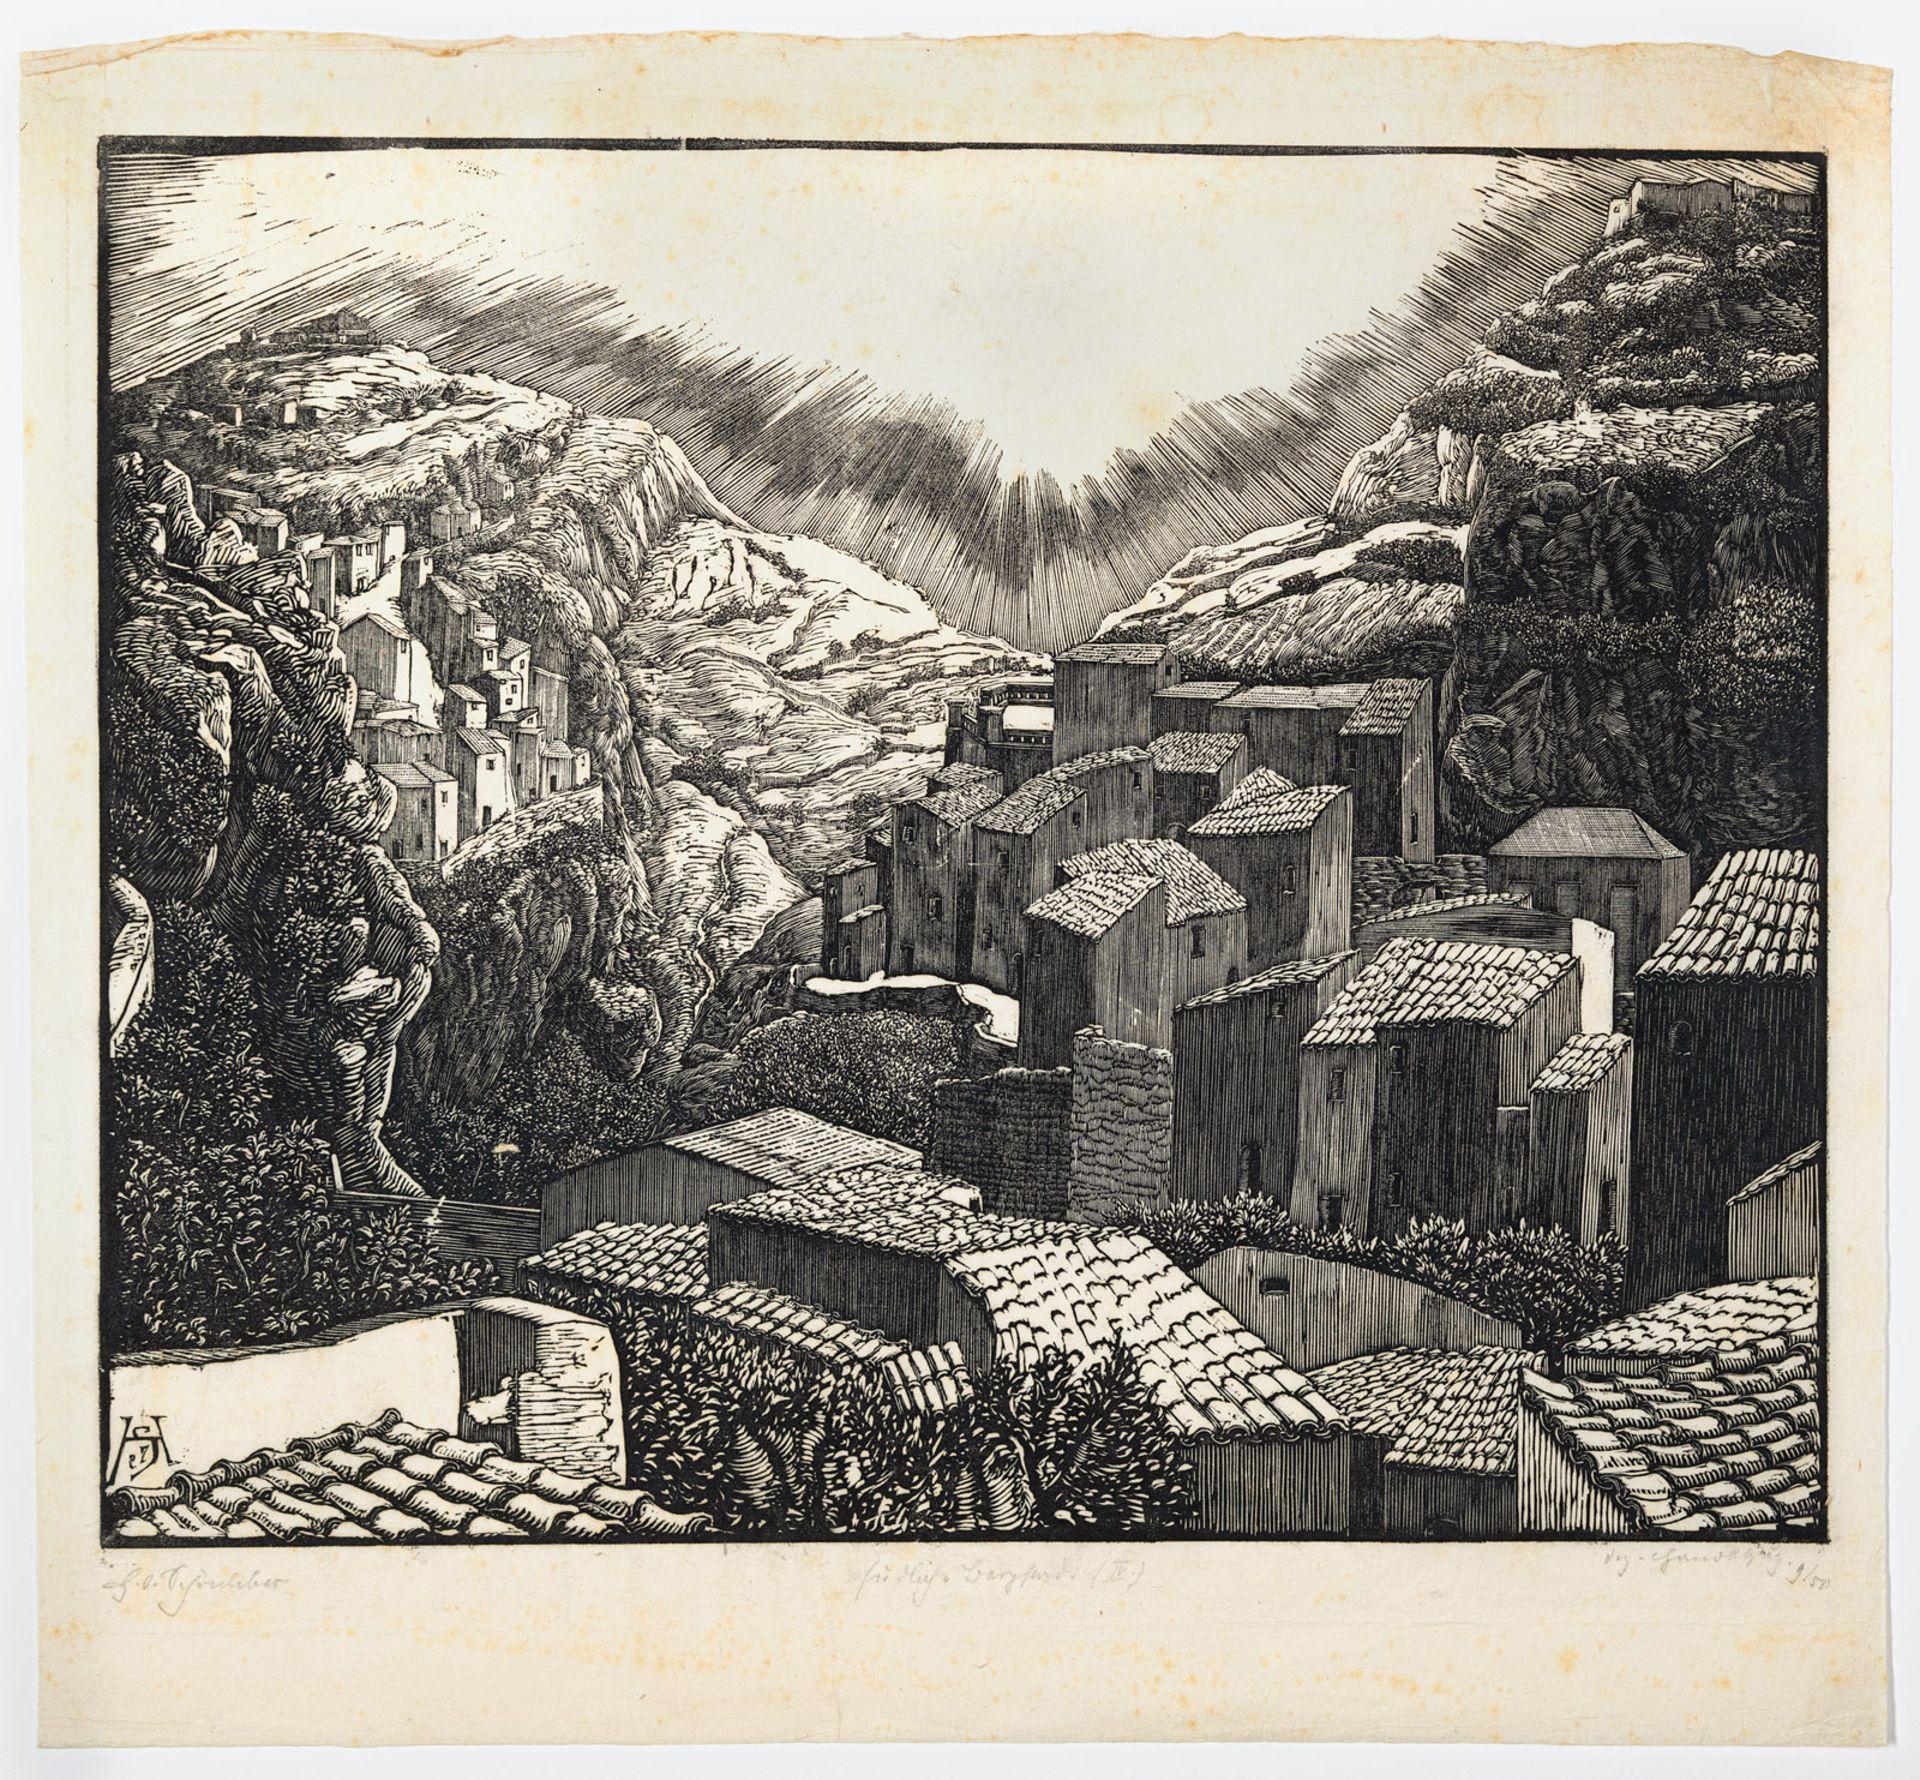 Schönleber, Hans Otto - Image 8 of 9